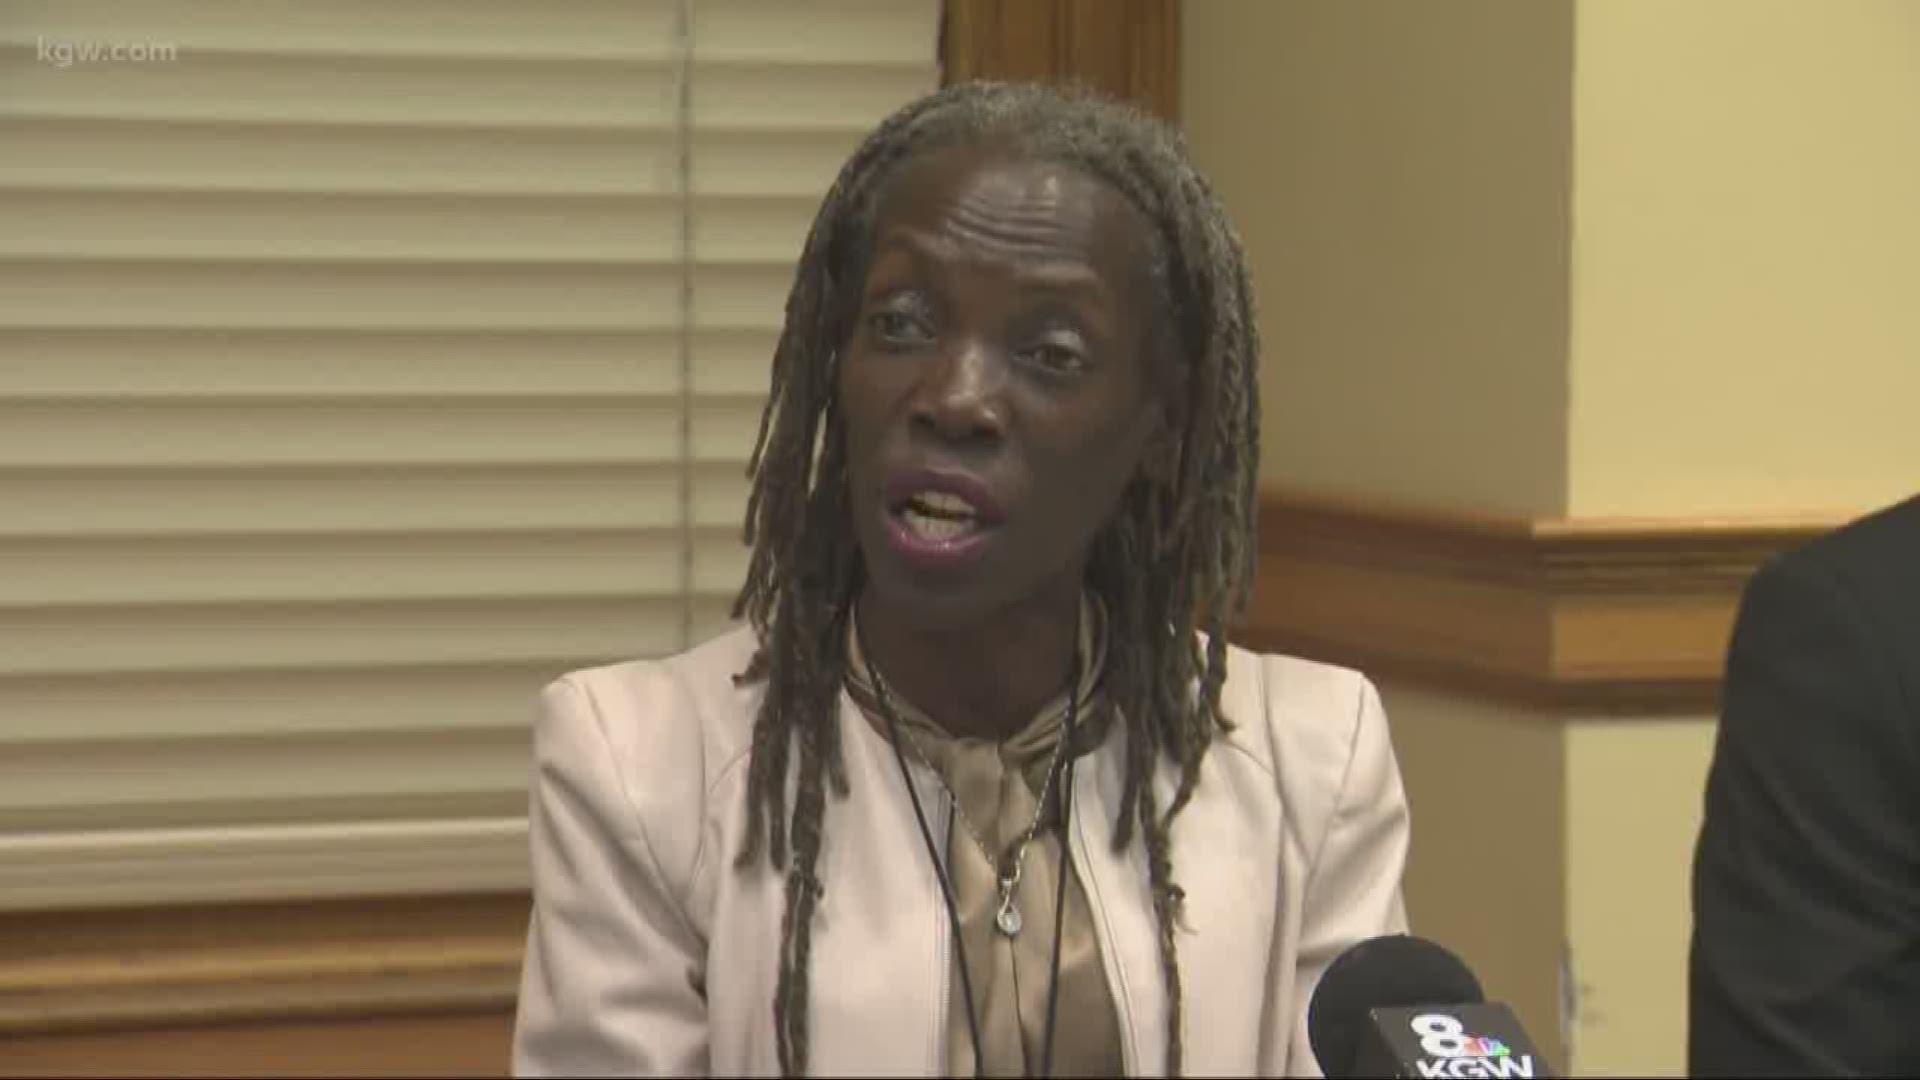 Jo Ann Hardesty Sworn In As City Commissioner Kgw Com